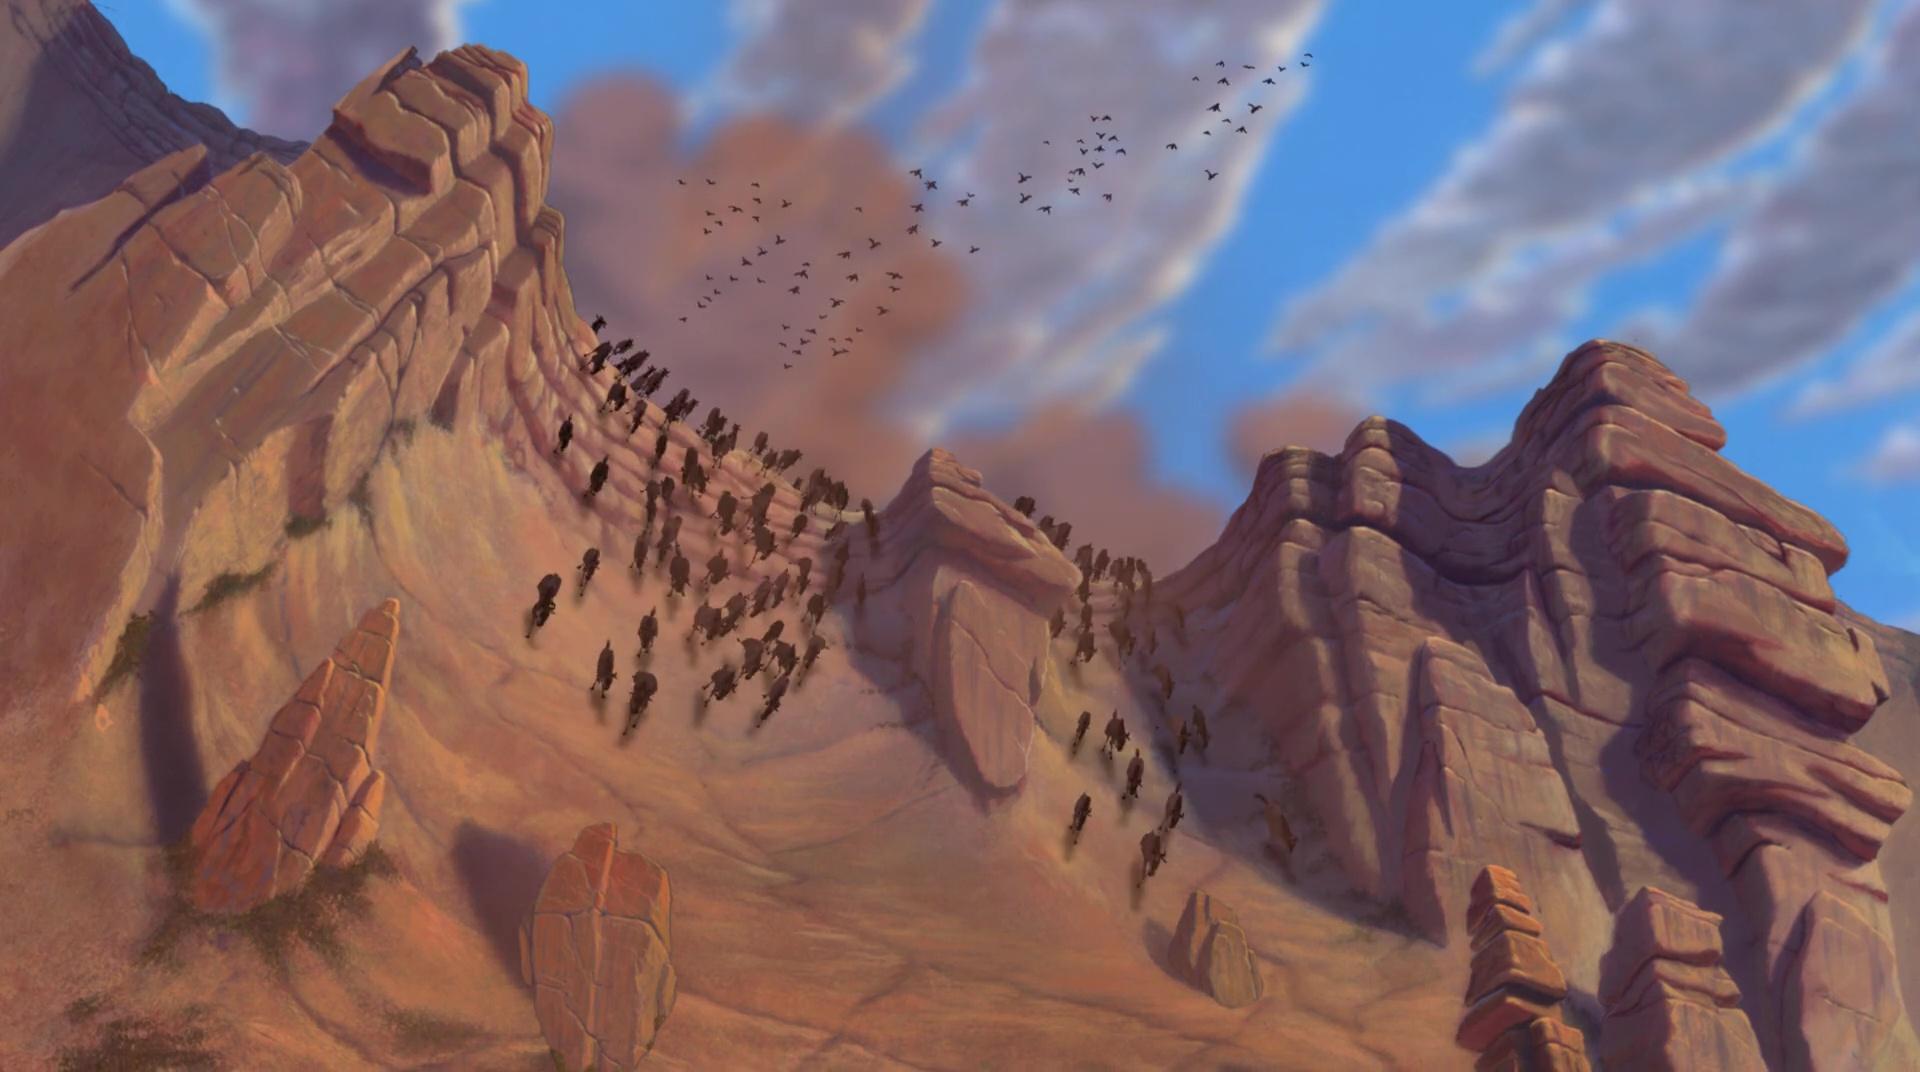 Les Gnous Personnages Dans Le Roi Lion Disney Planet